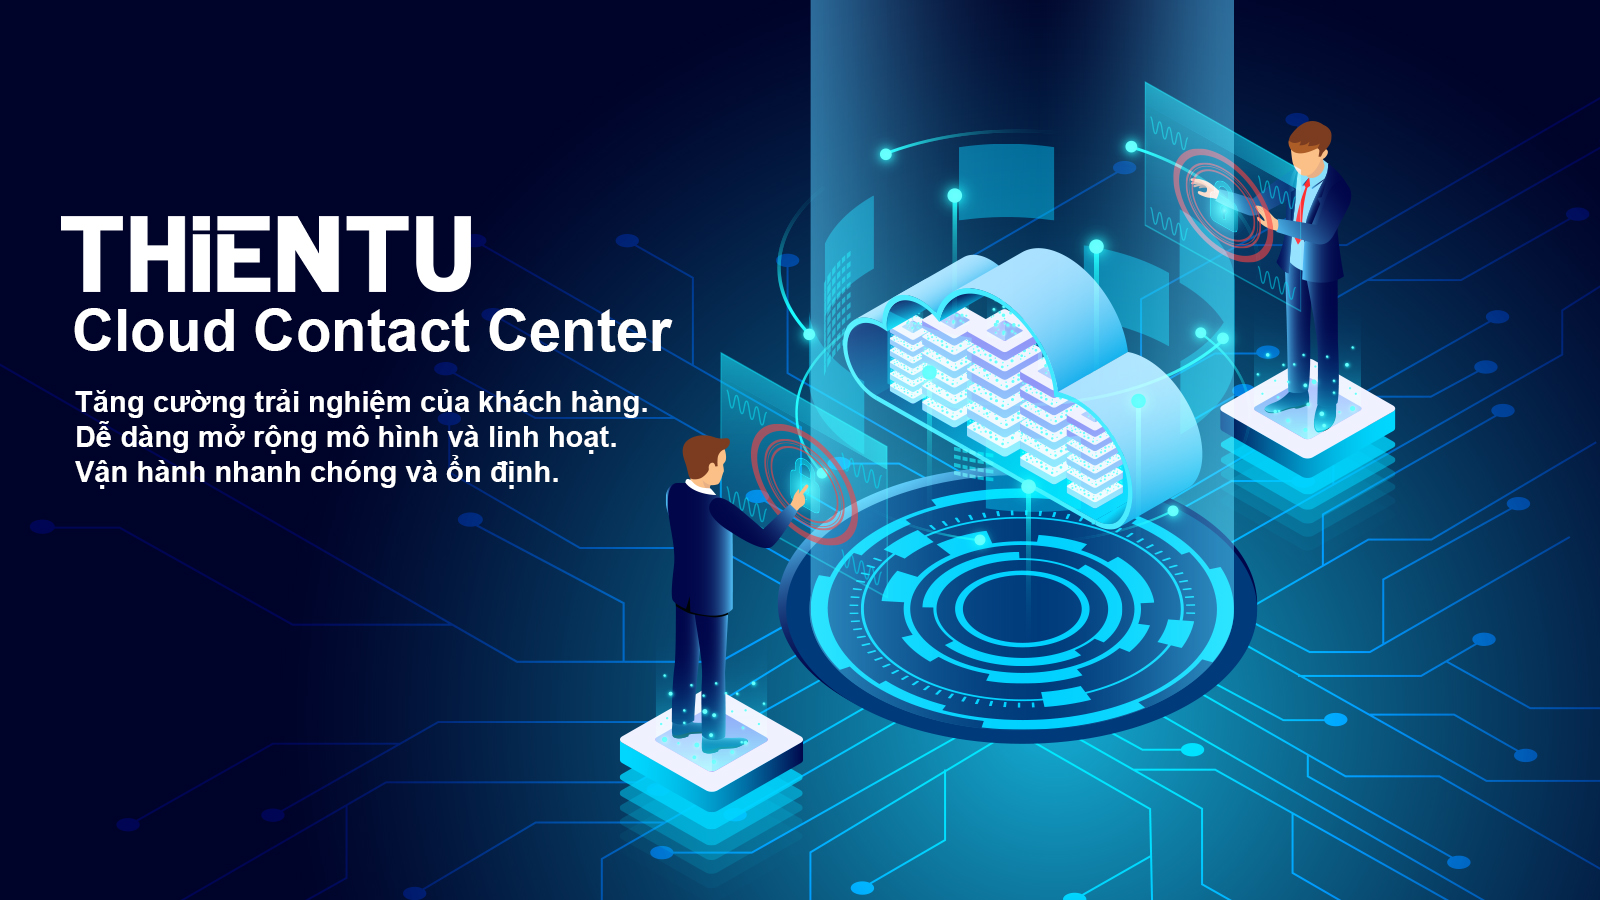 Cloud Contact Center – Trung tâm liên lạc điện toán đám mây đem lại giải pháp thiết thực, tối ưu cho doanh nghiệp